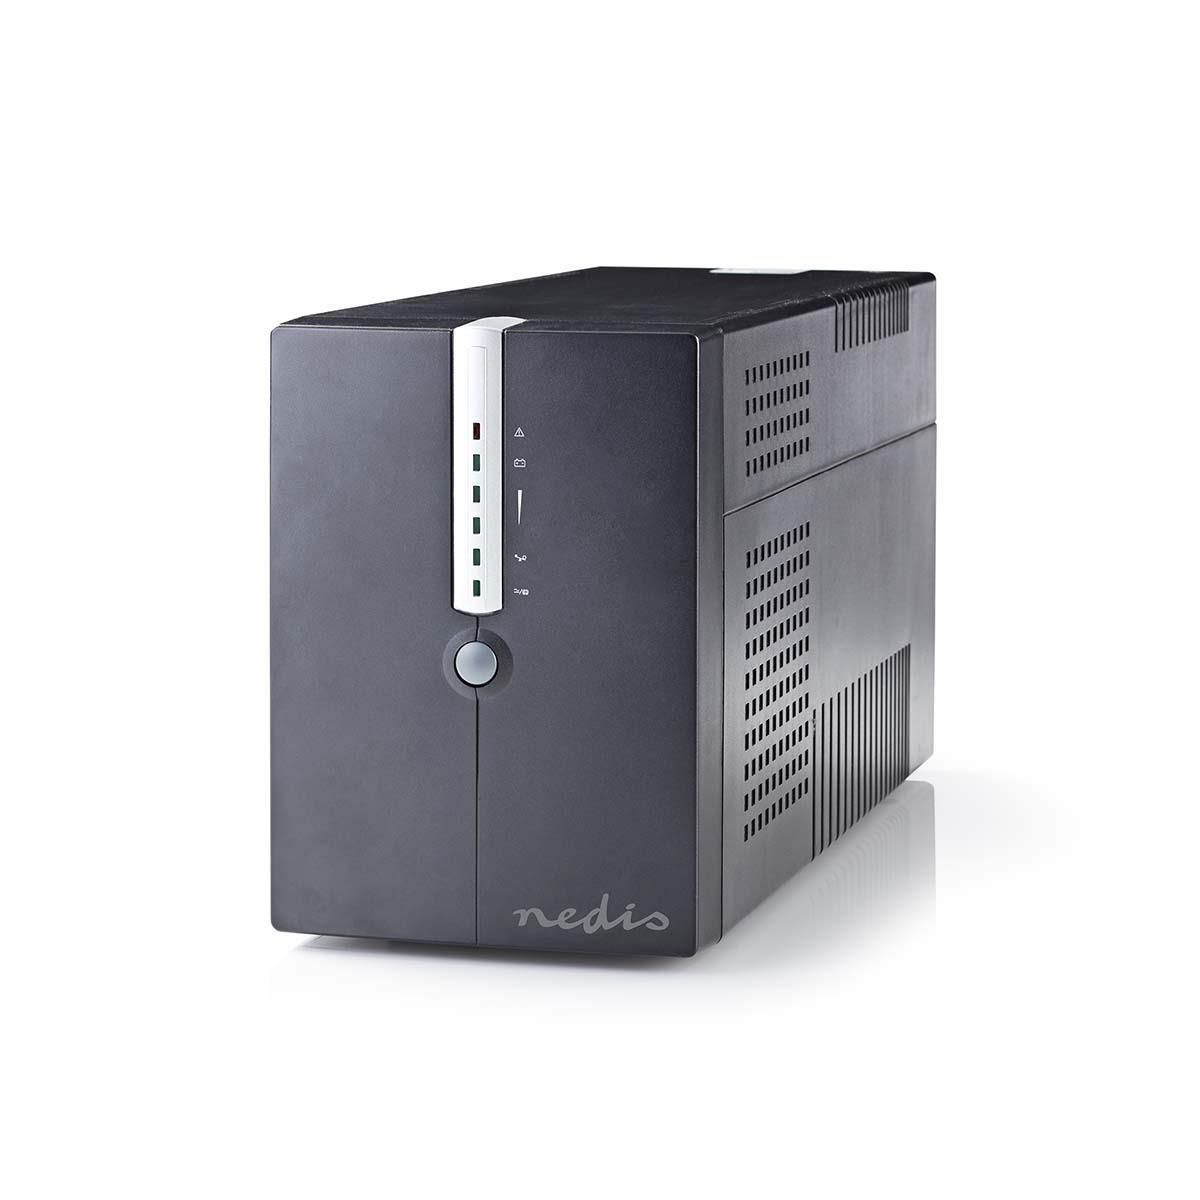 Proteja seu computador e arquivos valiosos contra quedas de energia e picos de energia com este poderoso UPS de 2000 VA. A bateria interna oferece 10 minutos para salvar arquivos e desligar o computador corretamente durante uma falha de energia. Com o sof